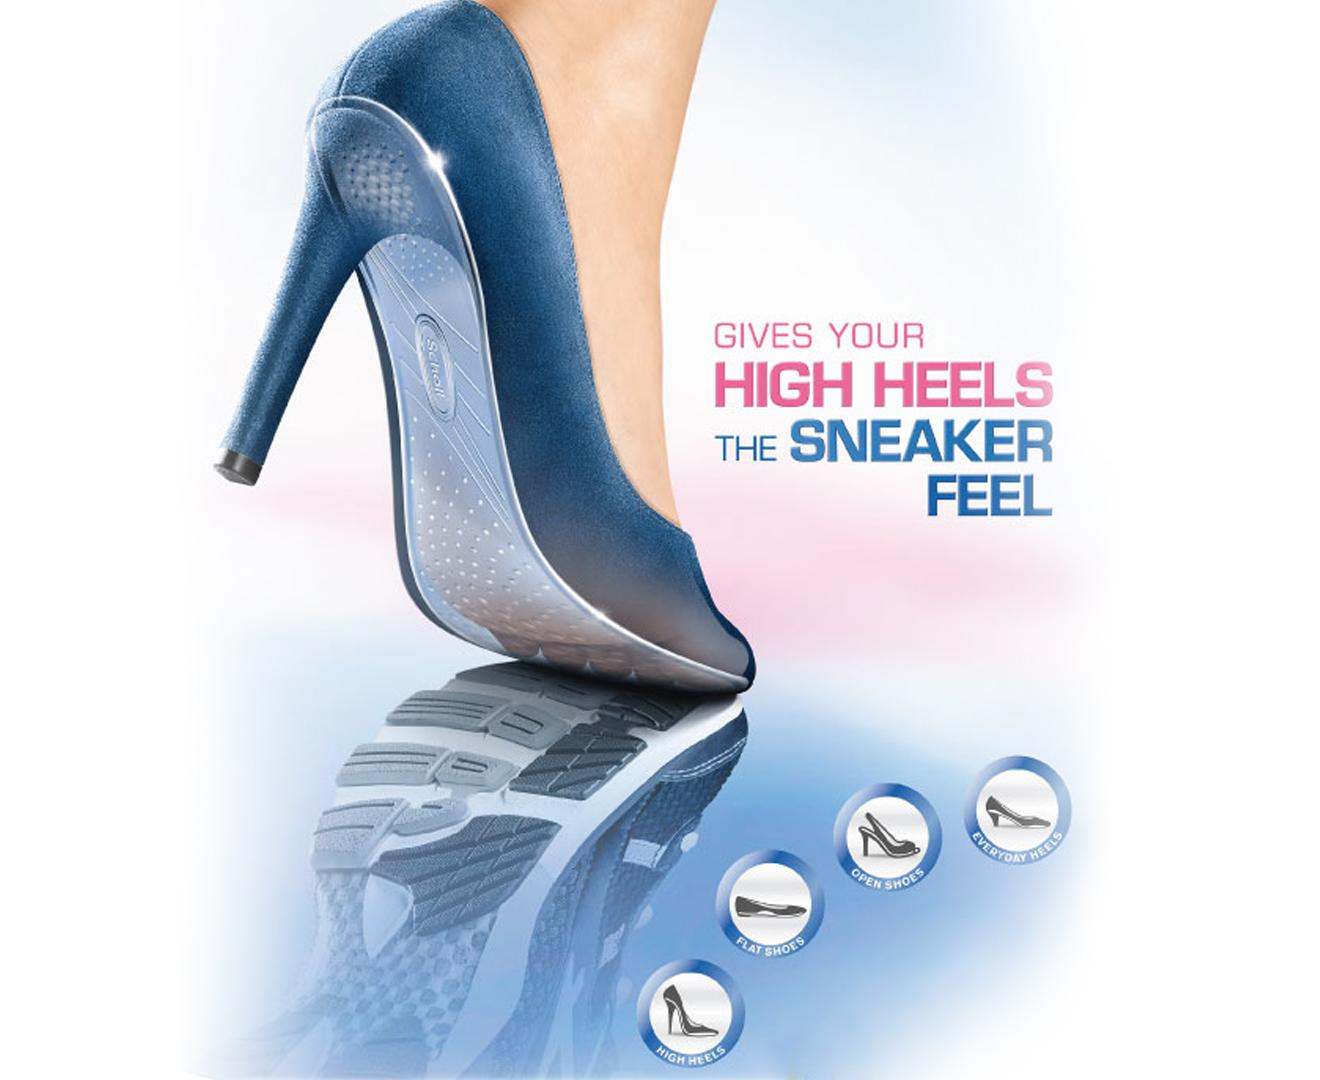 8bb06cfb88 Scholl Women's AU 4-8 Gel Activ Extreme Heels Insole - 1 Pair | Catch.com.au